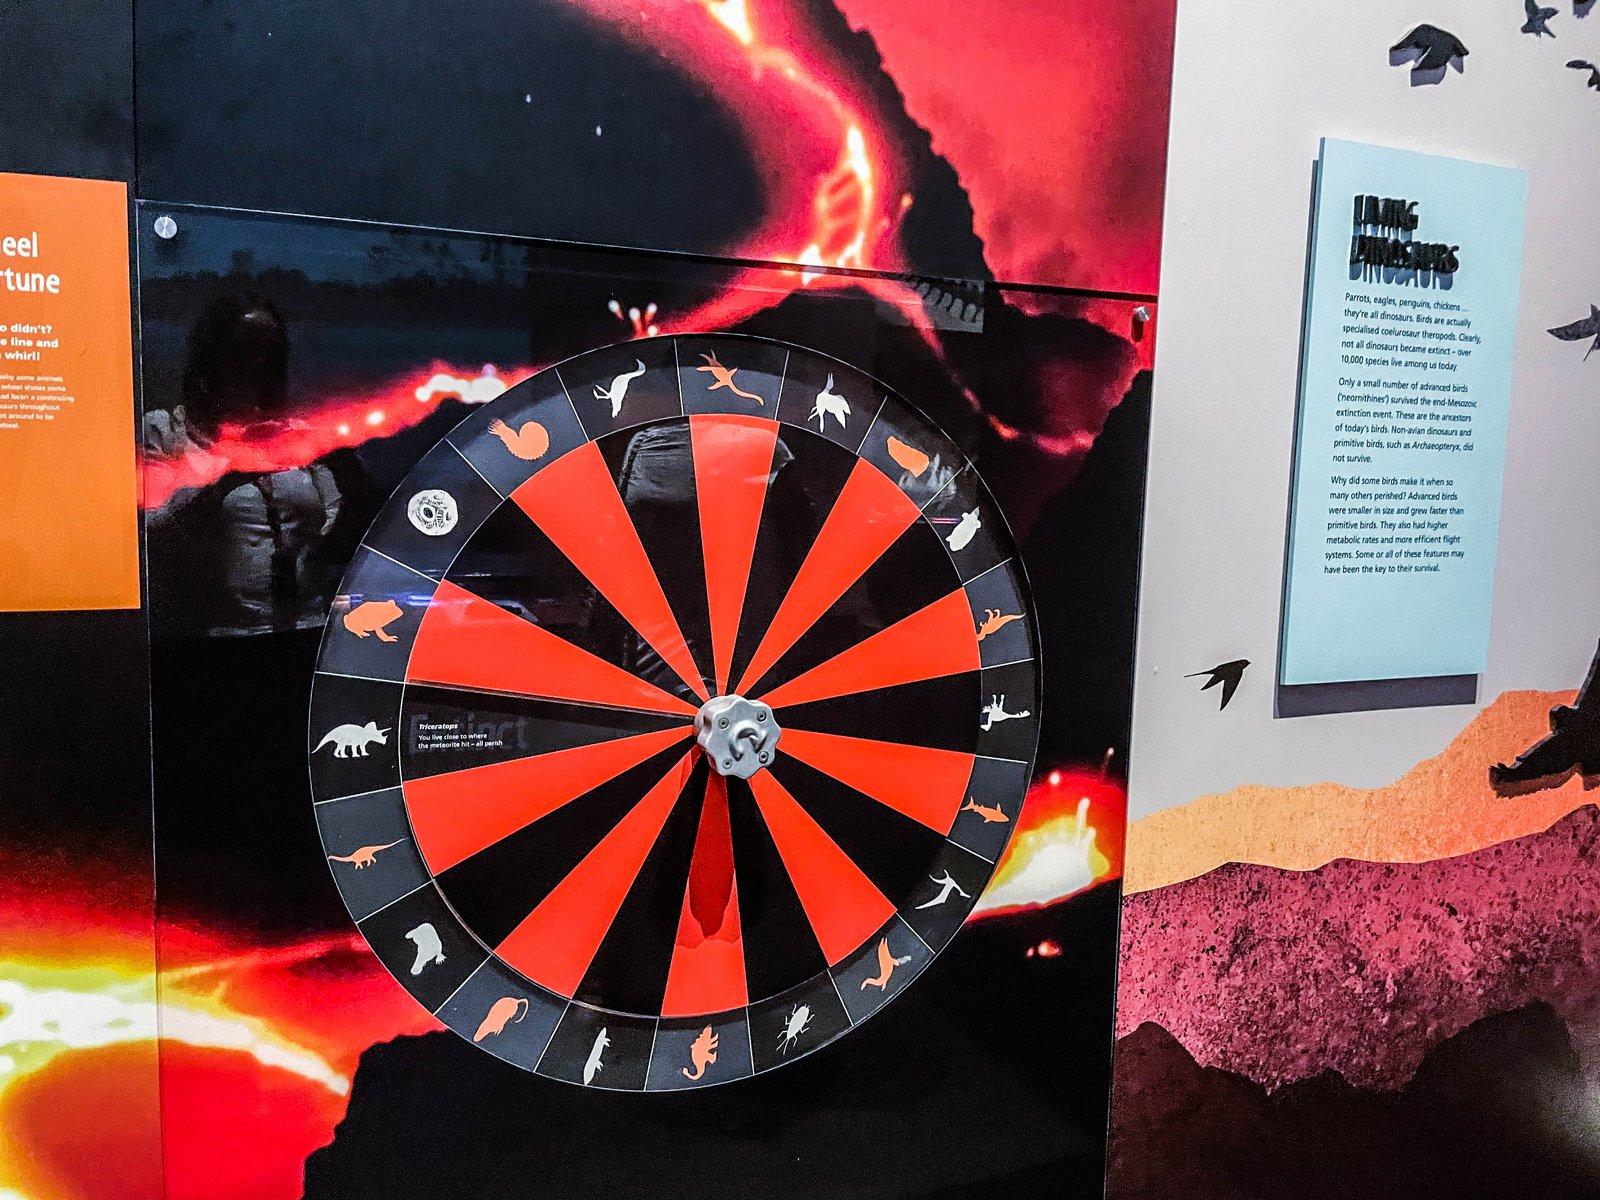 Wheel of misfortune dinosaur exhibition